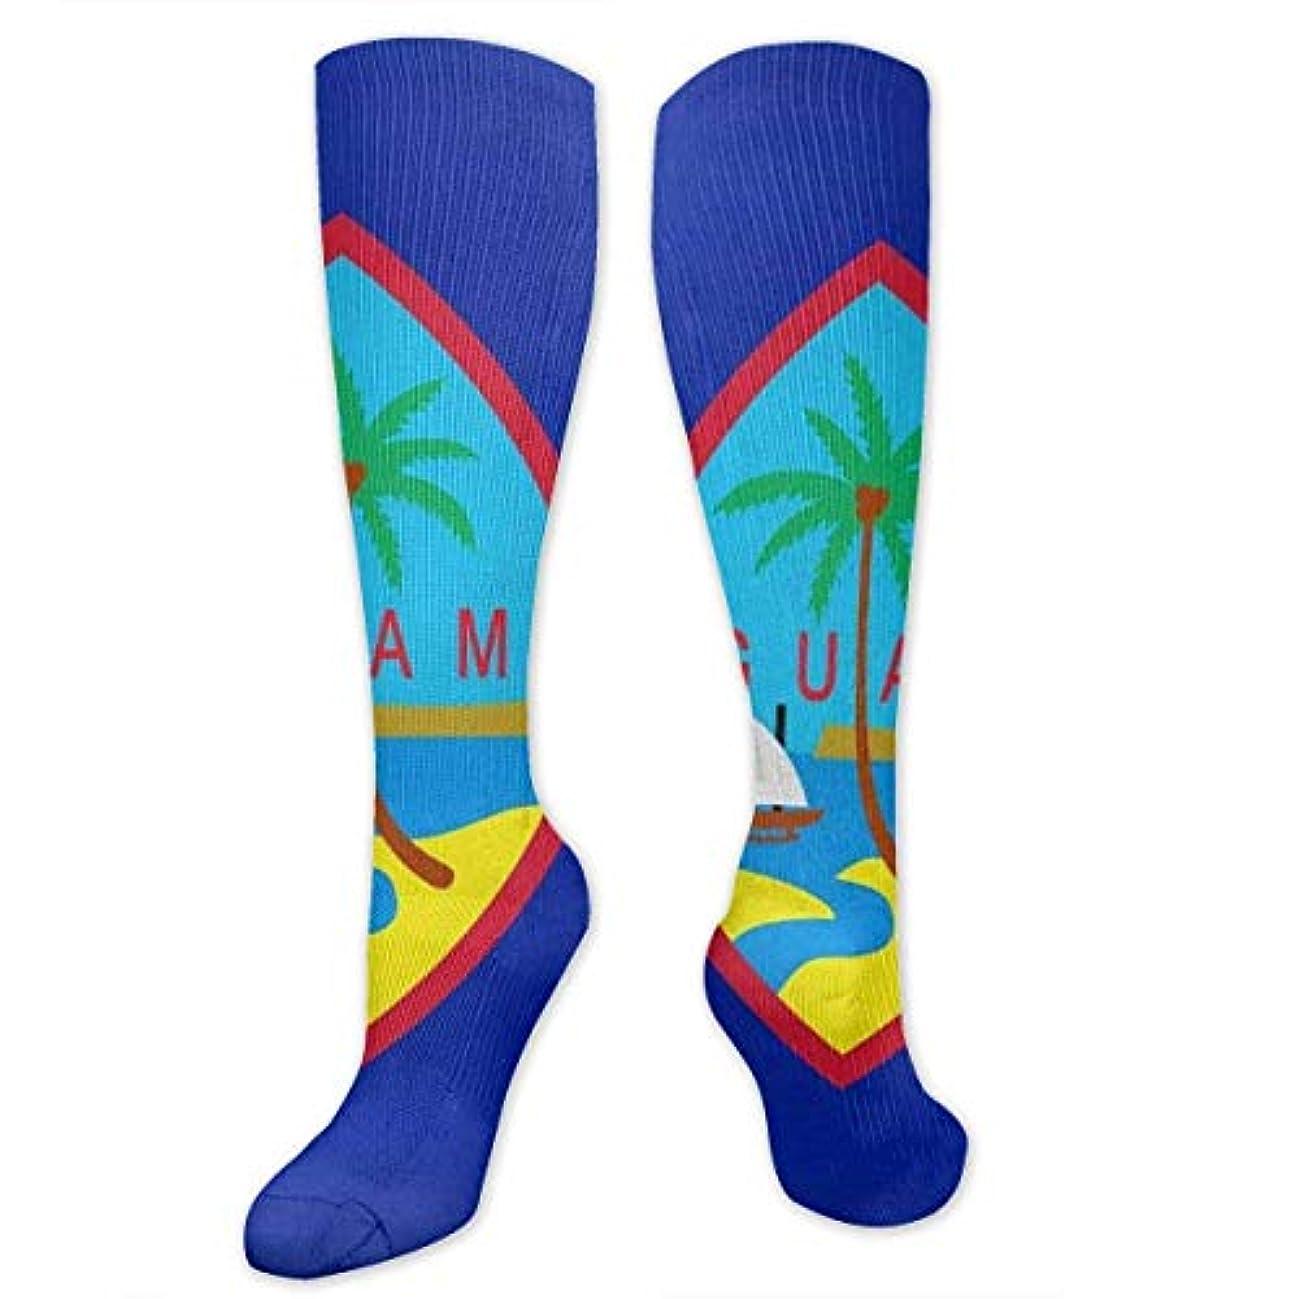 対抗チロ明快靴下,ストッキング,野生のジョーカー,実際,秋の本質,冬必須,サマーウェア&RBXAA Guam Socks Women's Winter Cotton Long Tube Socks Knee High Graduated...